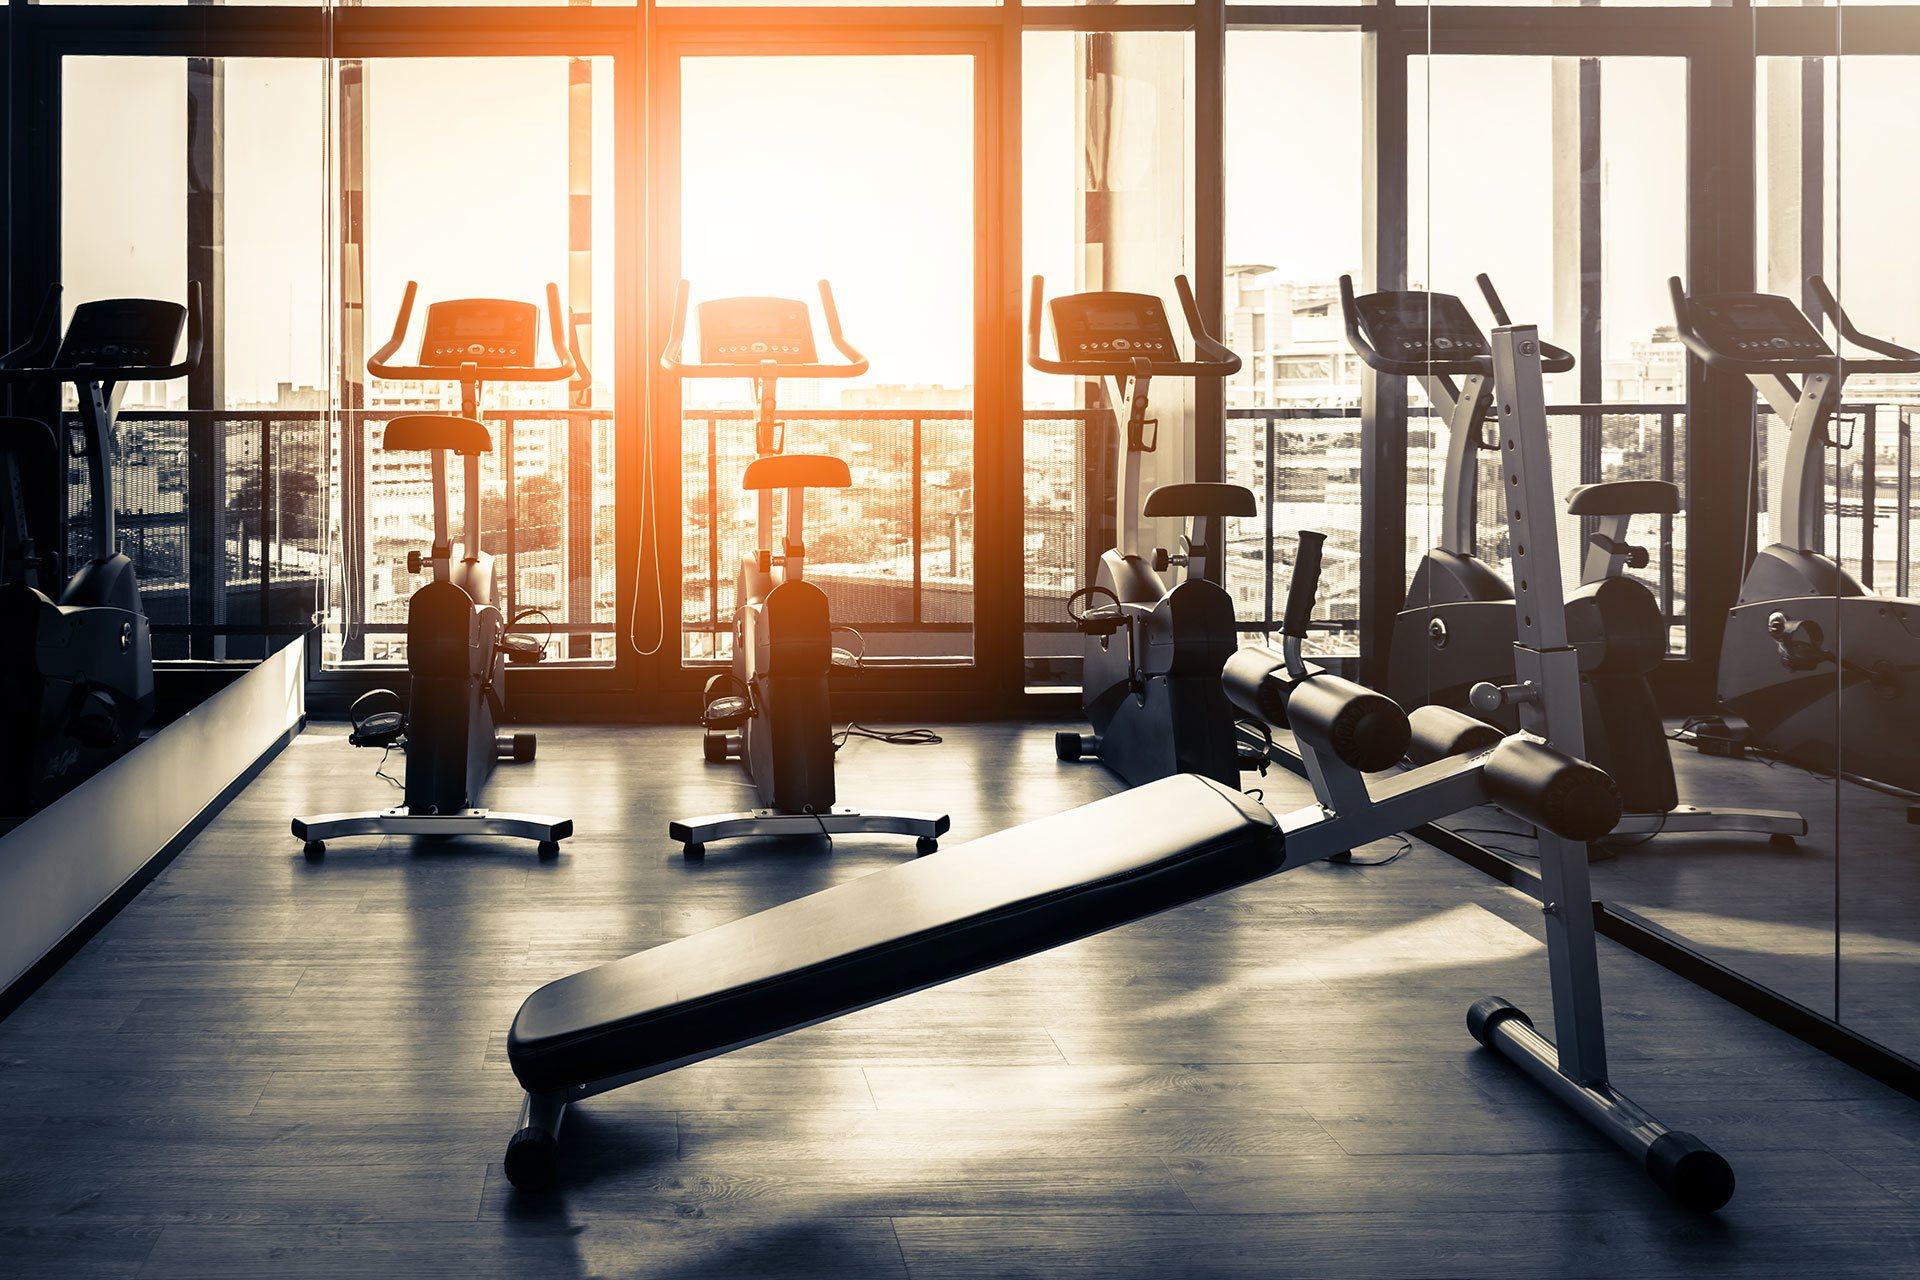 @fitcode.nl's cover photo for 'Op zoek naar een nieuwe gym? Zo vind je de sportschool die bij jou past'